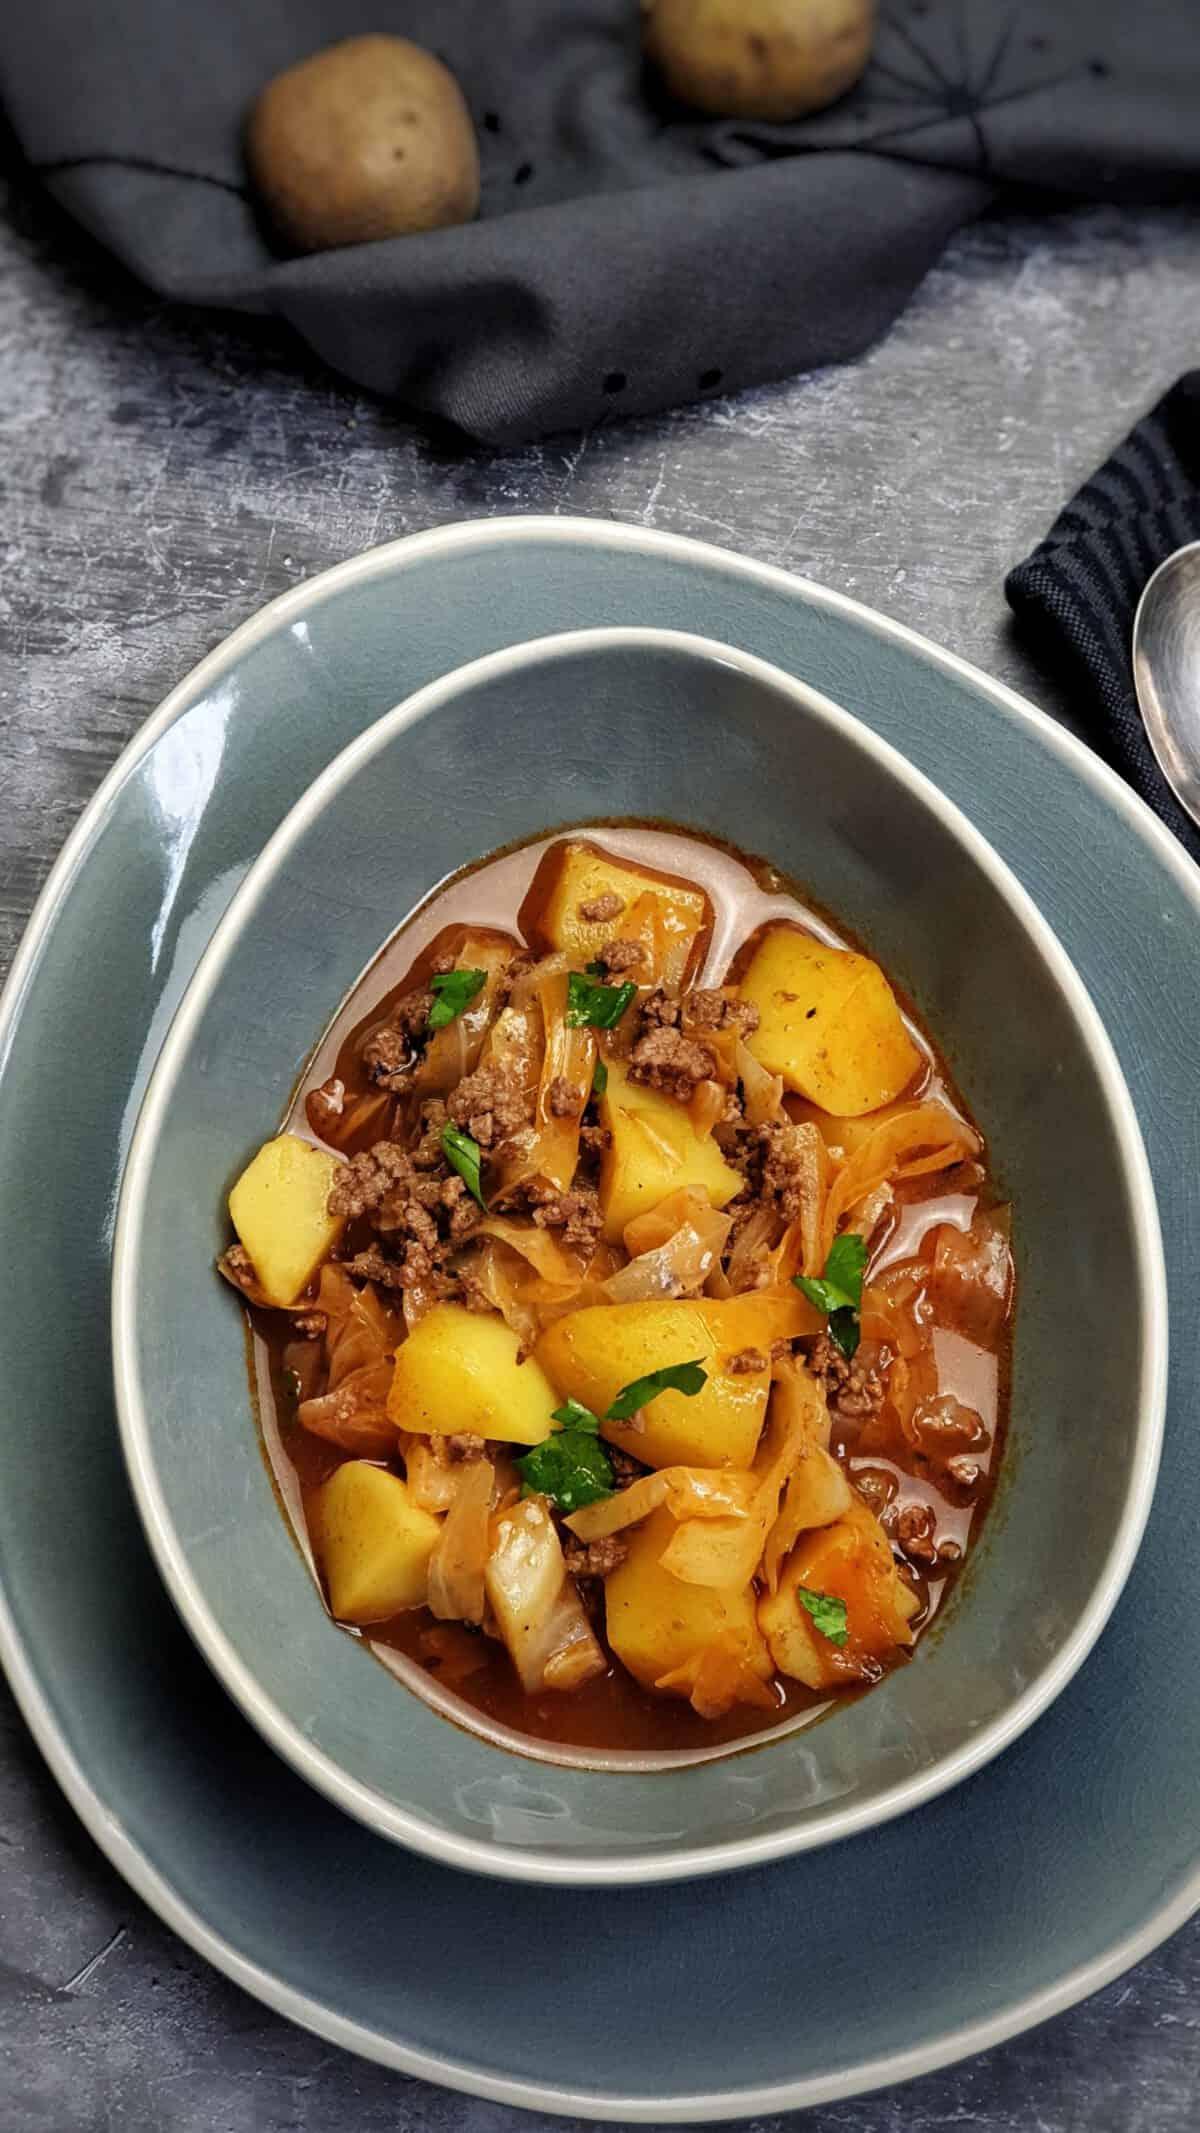 In einer blauen ovalen Schale ein Schichtkohl Gericht mit Kartoffeln und Hackfleisch.